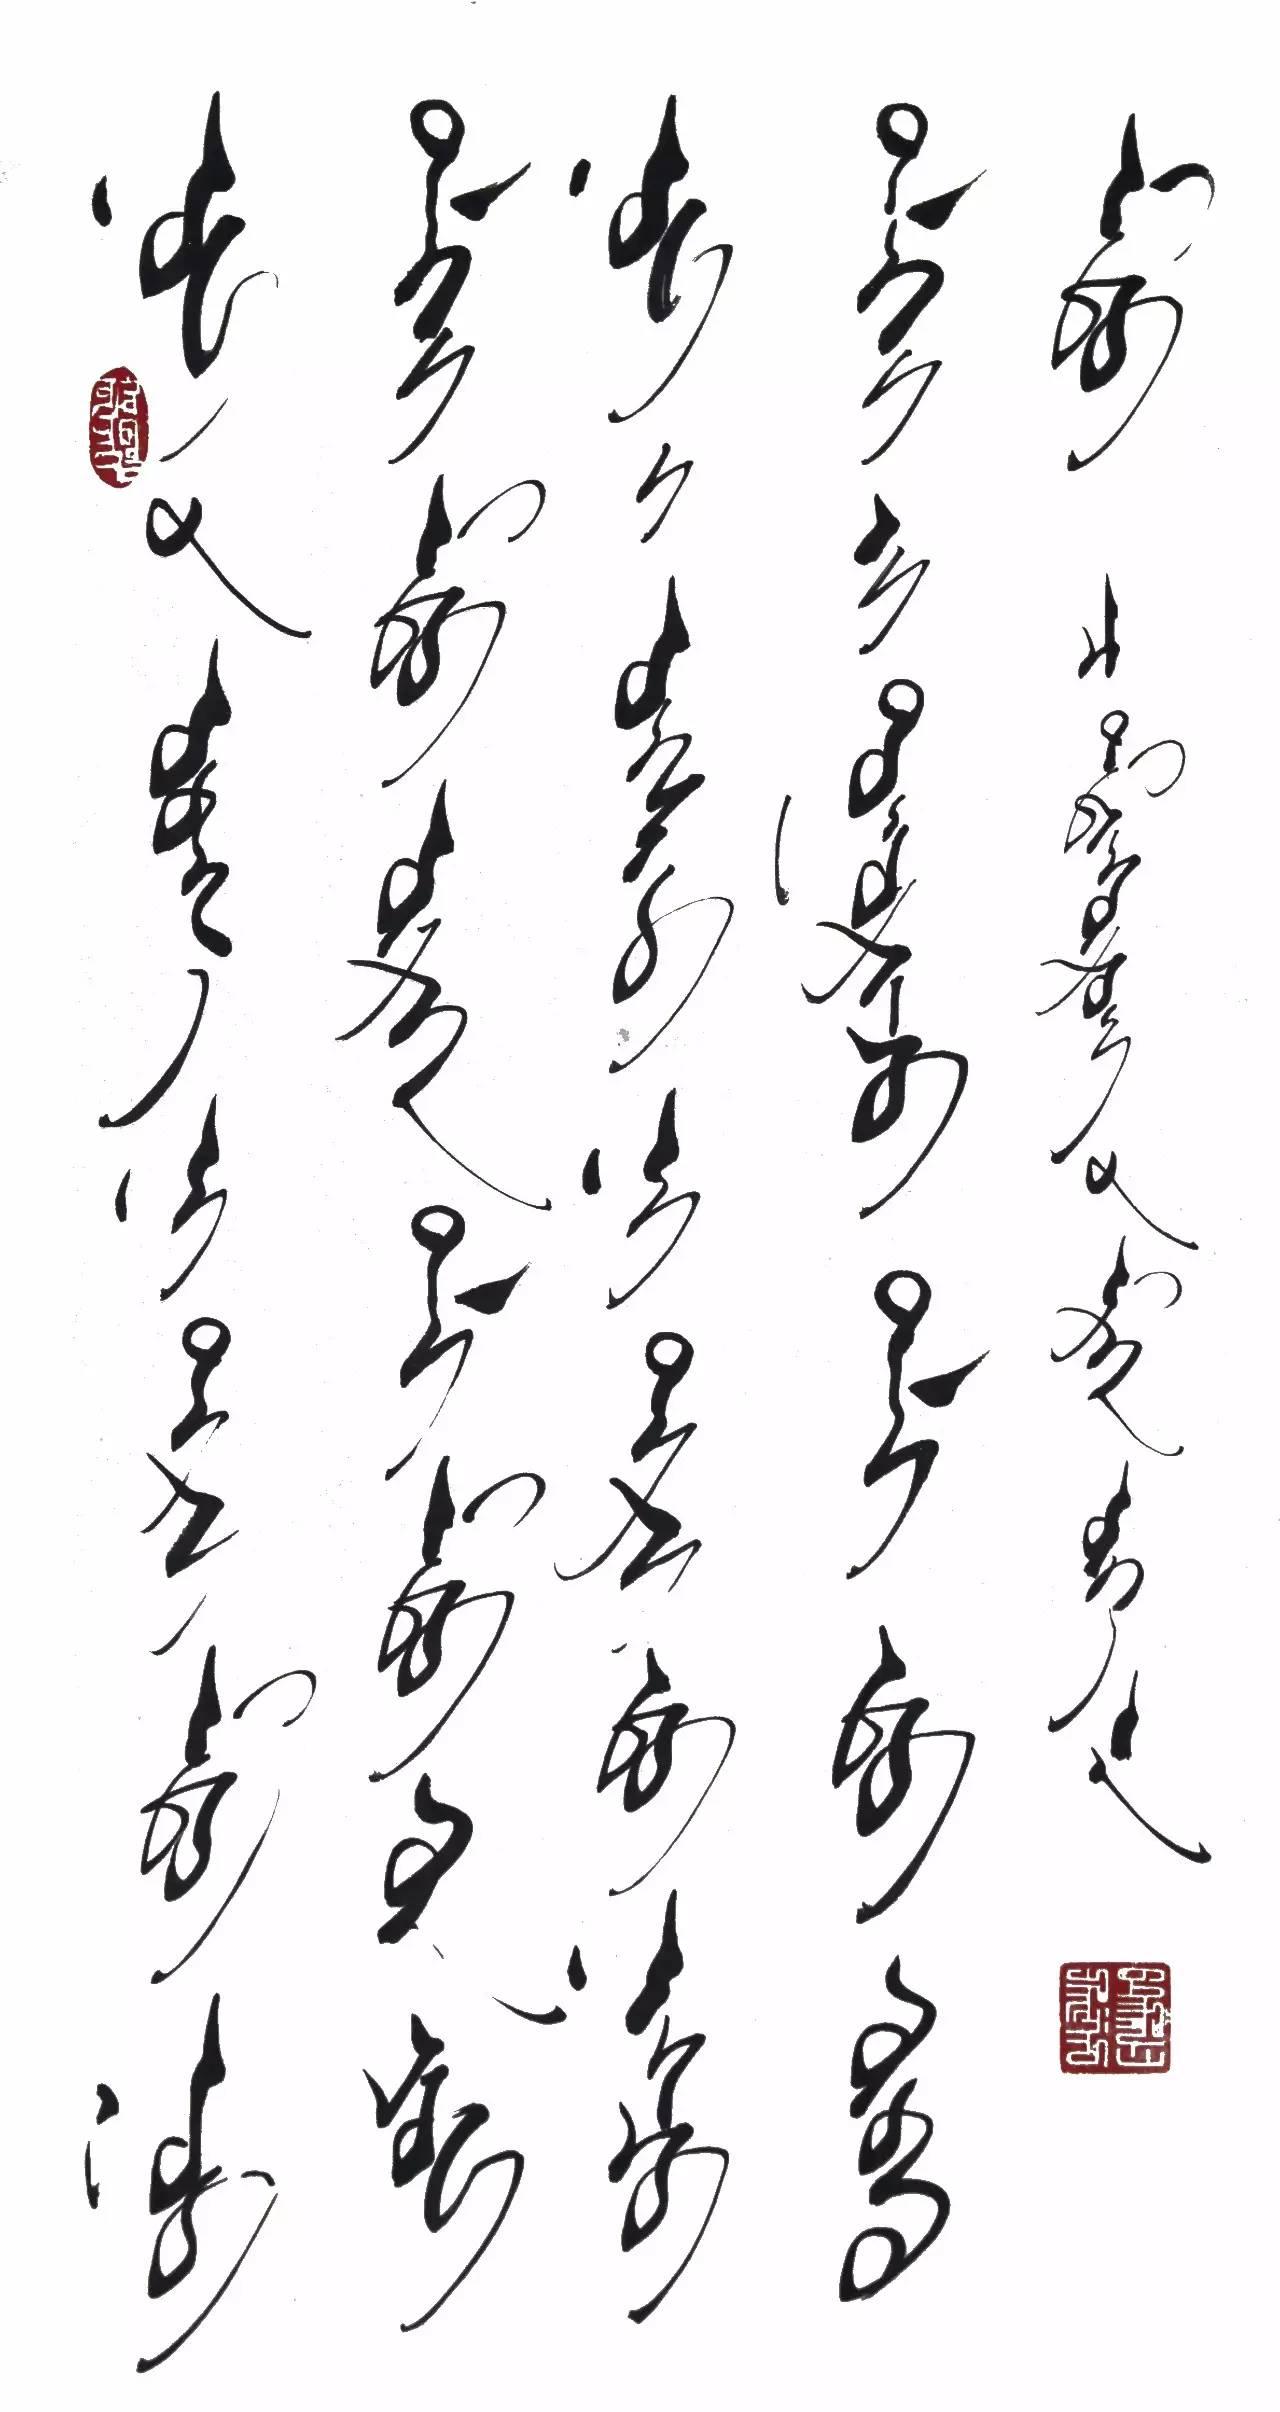 海山蒙古文书法作品欣赏 第4张